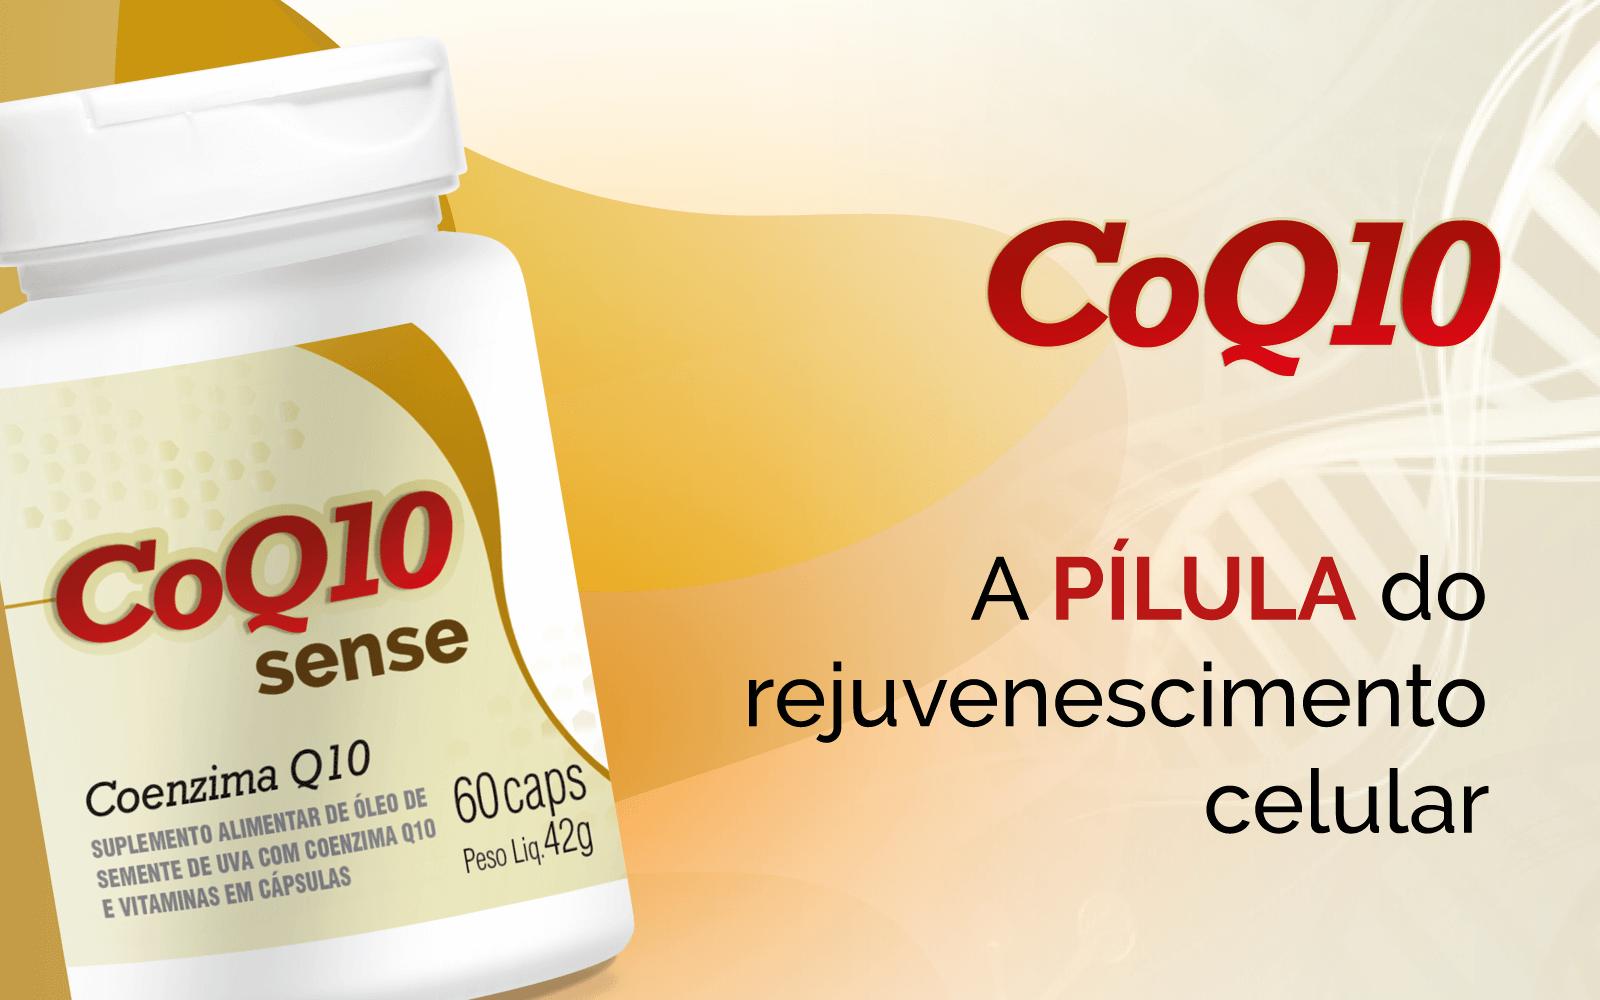 CoQ10 Sense